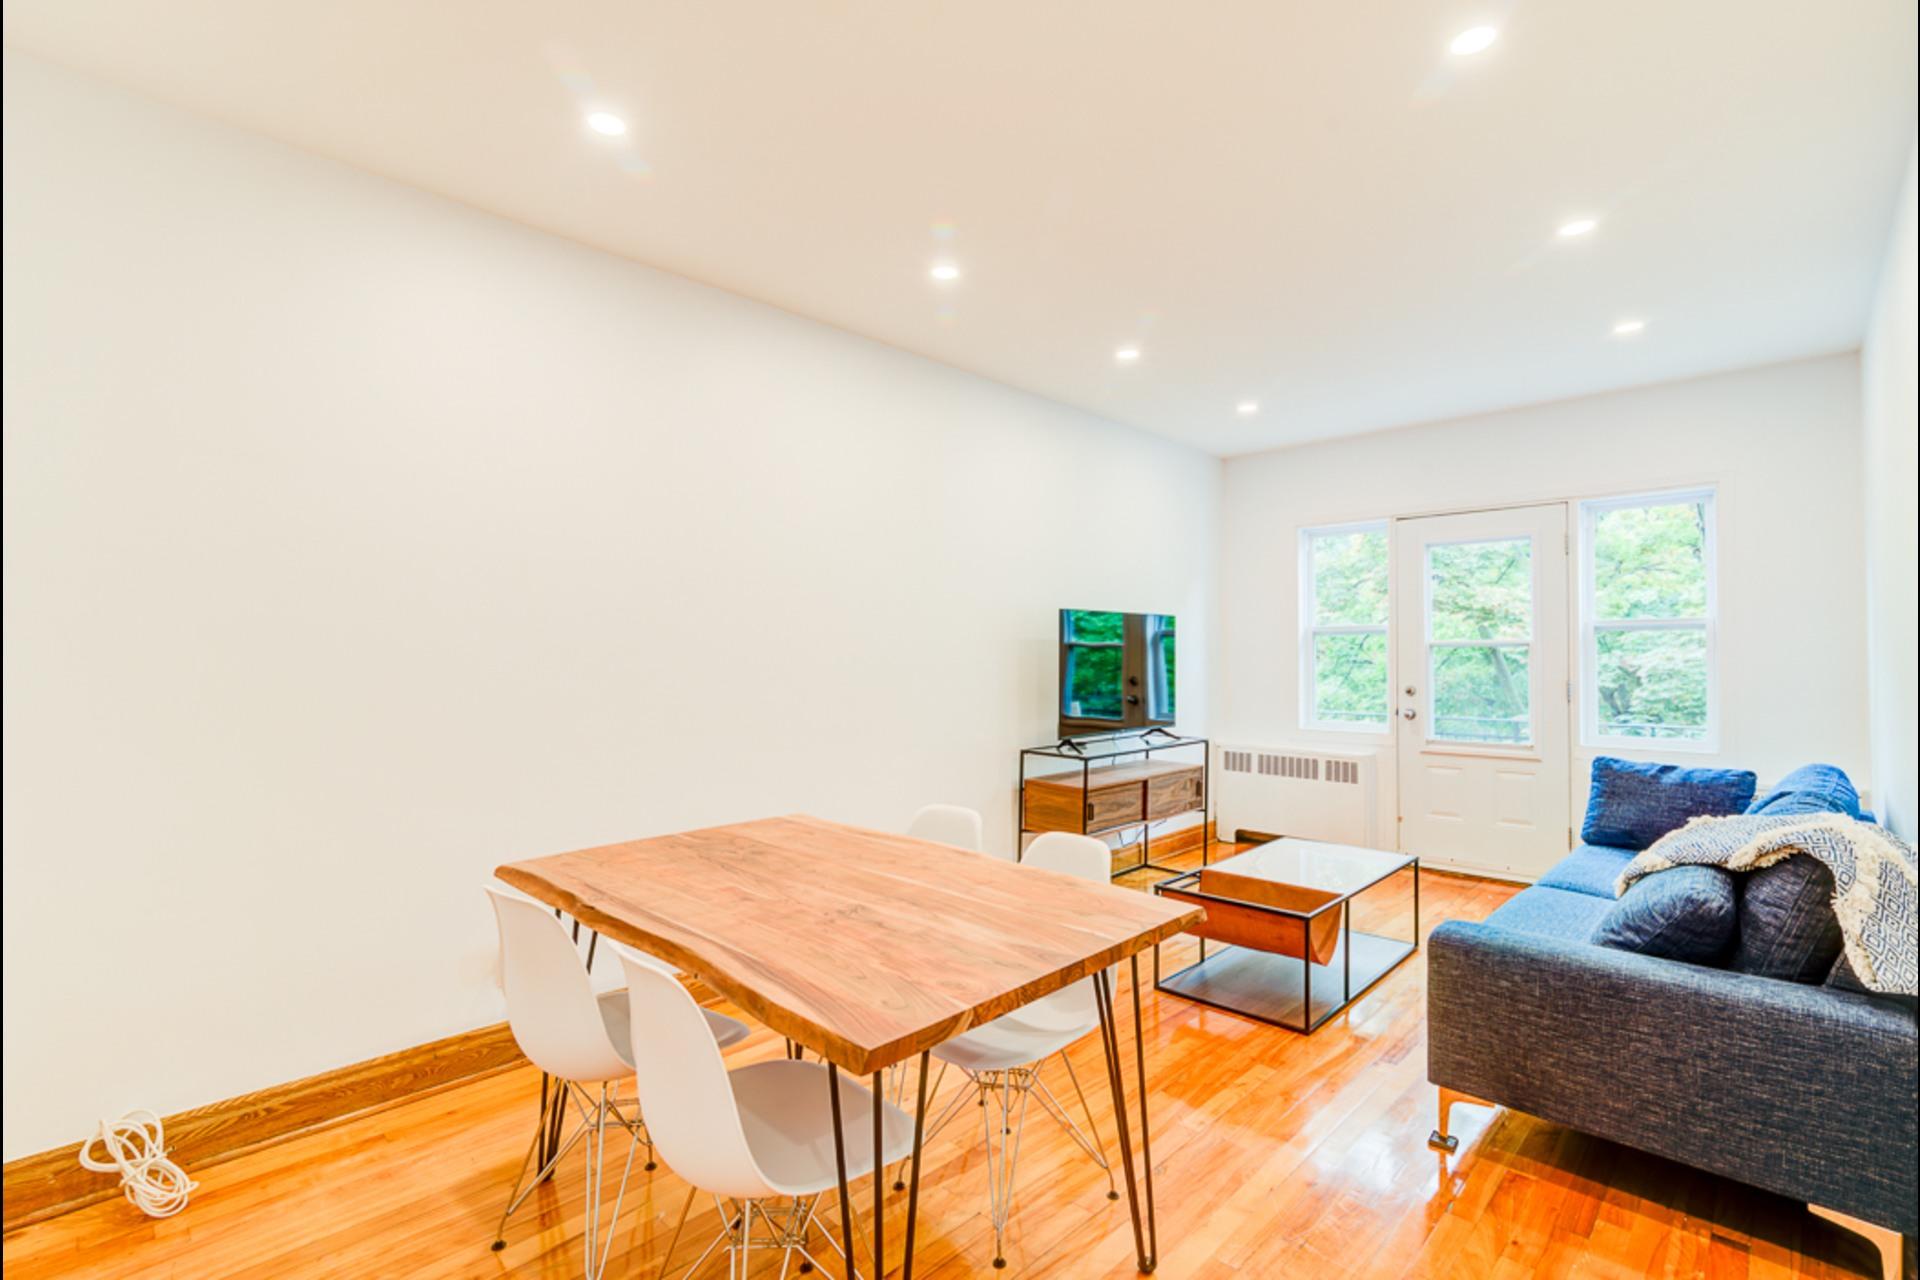 image 2 - House For rent Montréal